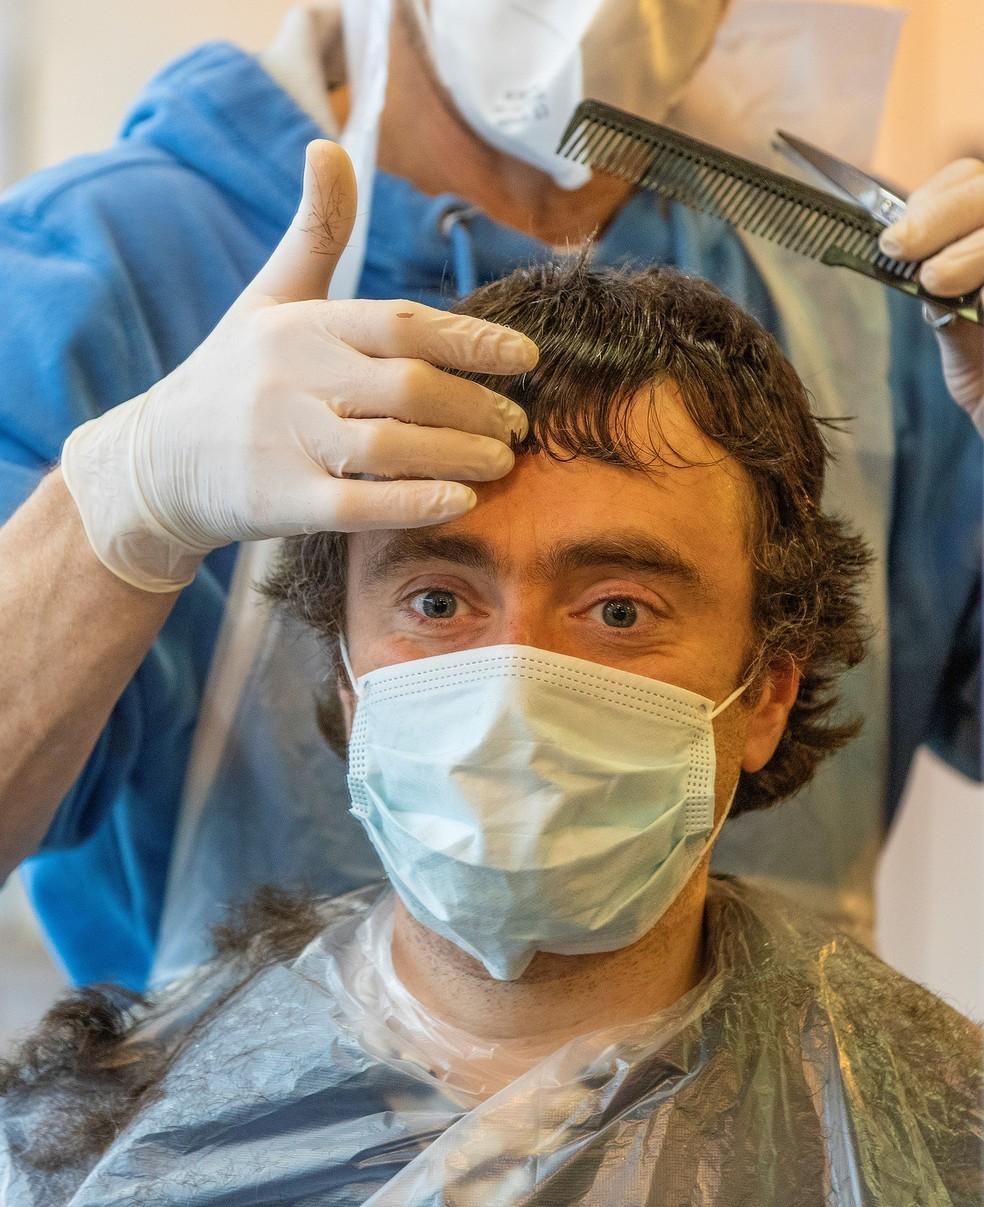 Homem corta cabeloem meio à pandemia da Covid-19 em Dublin, na Irlanda, em 29 de junho. — Foto: Paul Faith/AFP